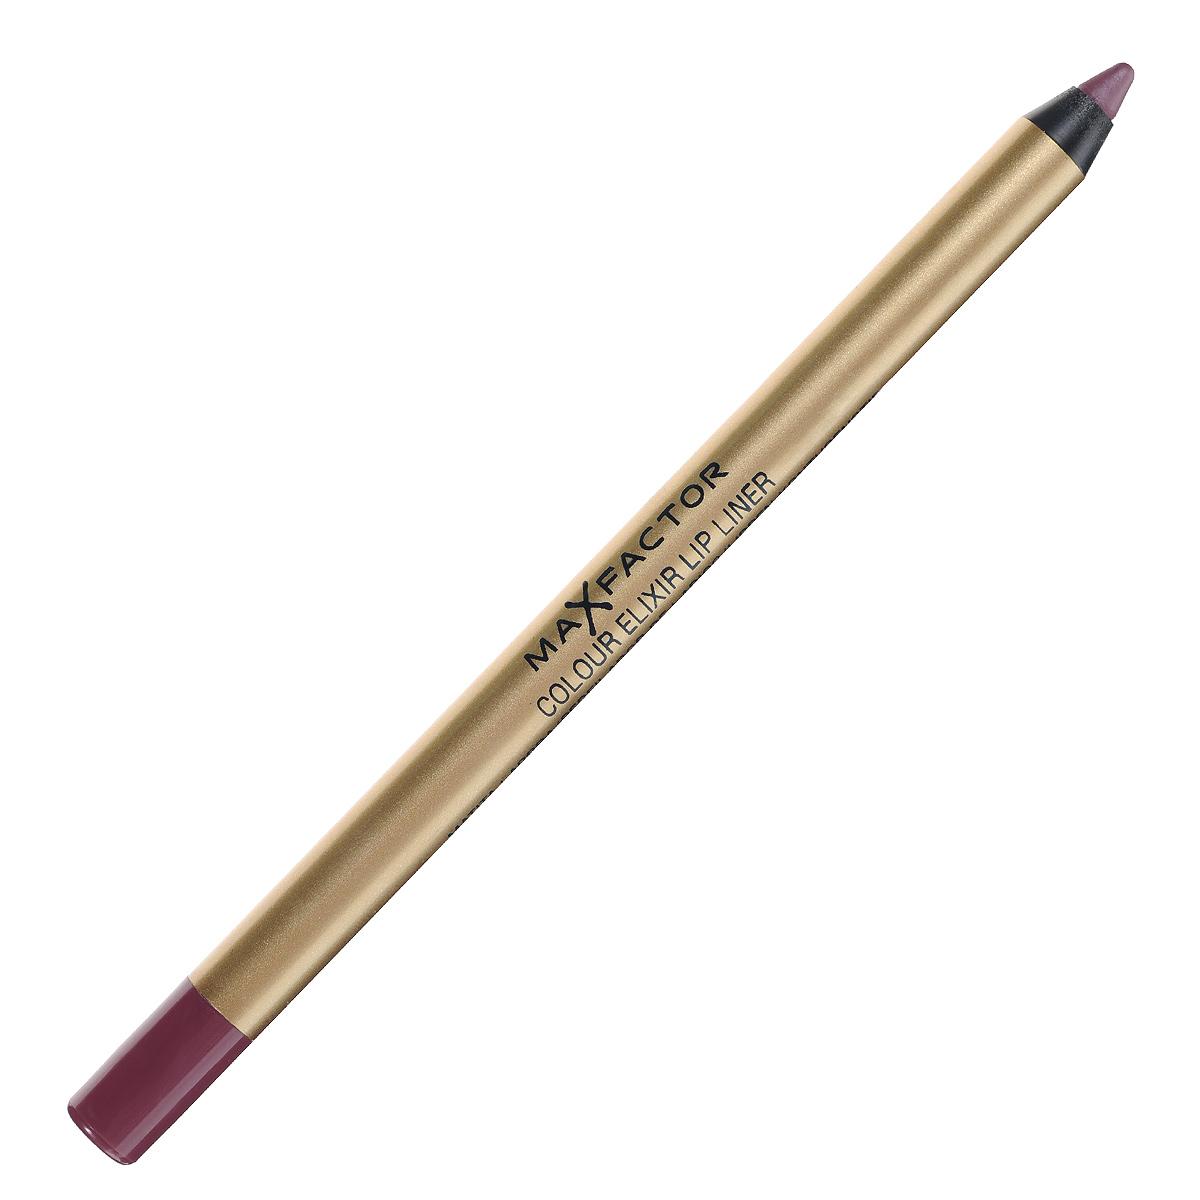 Max Factor Карандаш для губ Colour Elixir Lip Liner, тон №06 mauve moment, цвет: лиловыйMP59.3DСекрет эффектного макияжа губ - правильный карандаш. Он мягко касается губ и рисует точную линию, подчеркивая контур и одновременно ухаживая за губами. Карандаш для губ Colour Elixir подчеркивает твои губы, придавая им форму. - Роскошный цвет и увлажнение для мягких и гладких губ. - Оттенки подходят к палитре помады Colour Elixir. - Легко наносится.1. Выбирай карандаш на один тон темнее твоей помады 2. Наточи карандаш и смягчи кончик салфеткой 3. Подведи губы в уголках, дугу Купидона и середину нижней губы, затем соедини линии 4. Нанеси несколько легких штрихов на губы, чтобы помада держалась дольше.